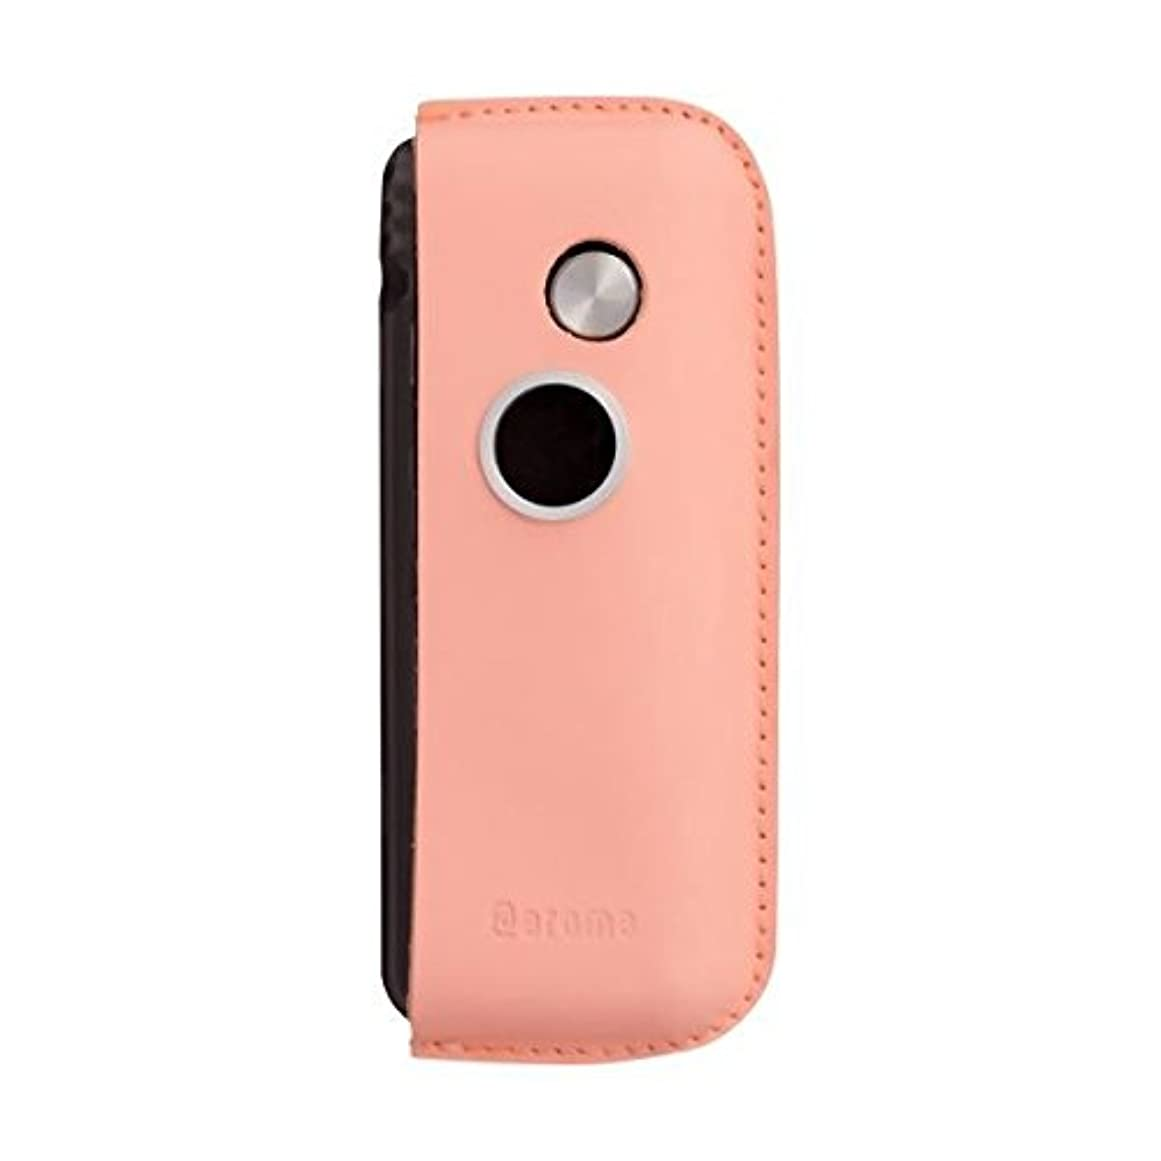 機知に富んだ倍増淡いファンファン(ピンク)&人気のアロマset【モバイルディフューザー funfan+AromaOil】mobile diffuser (Sunsine)